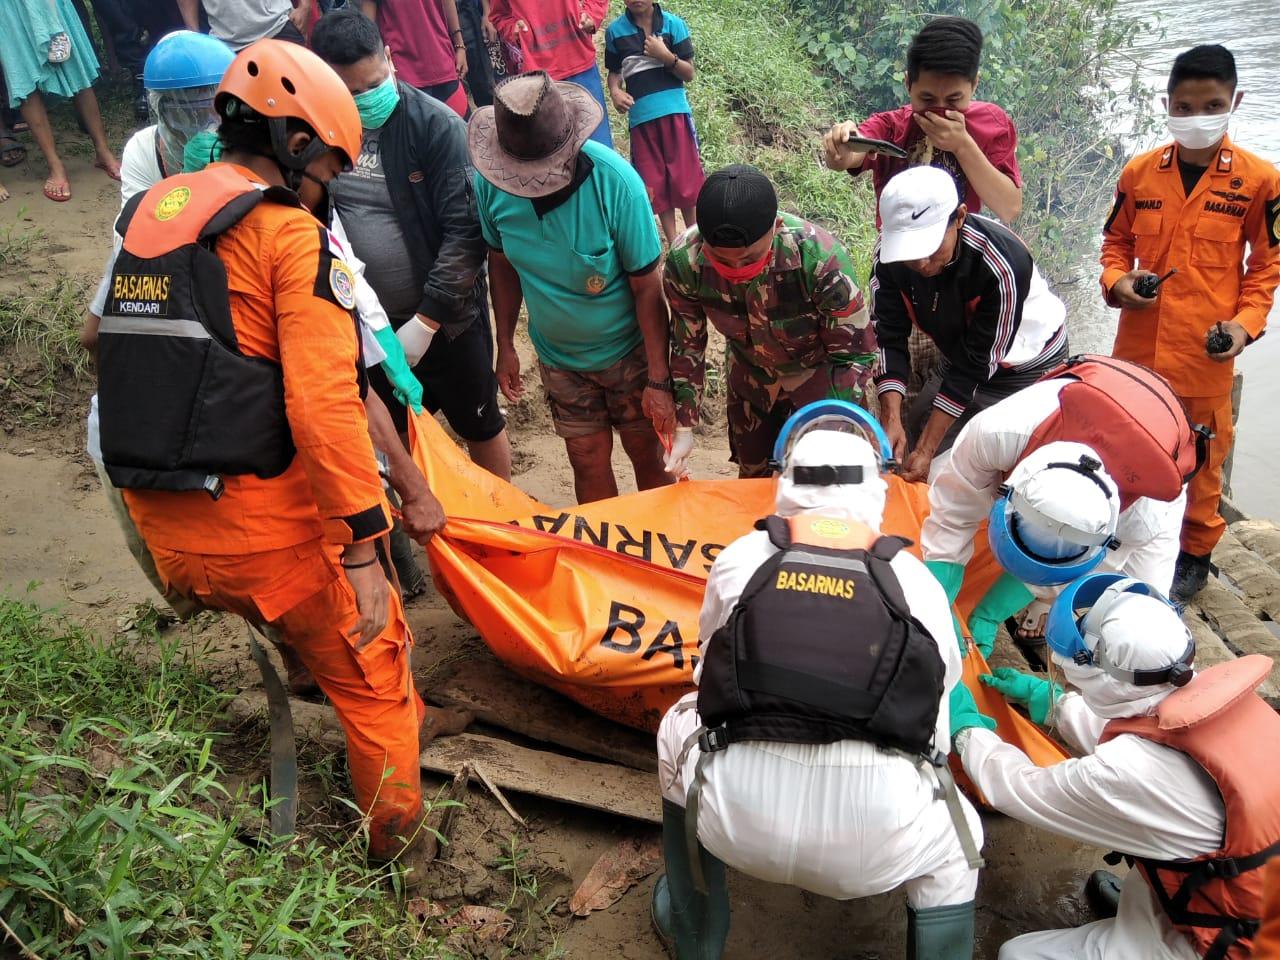 Pencarian Hari Ke-3 Tim SAR Gabungan Temukan 2 Korban Dalam Keadaan Meninggal